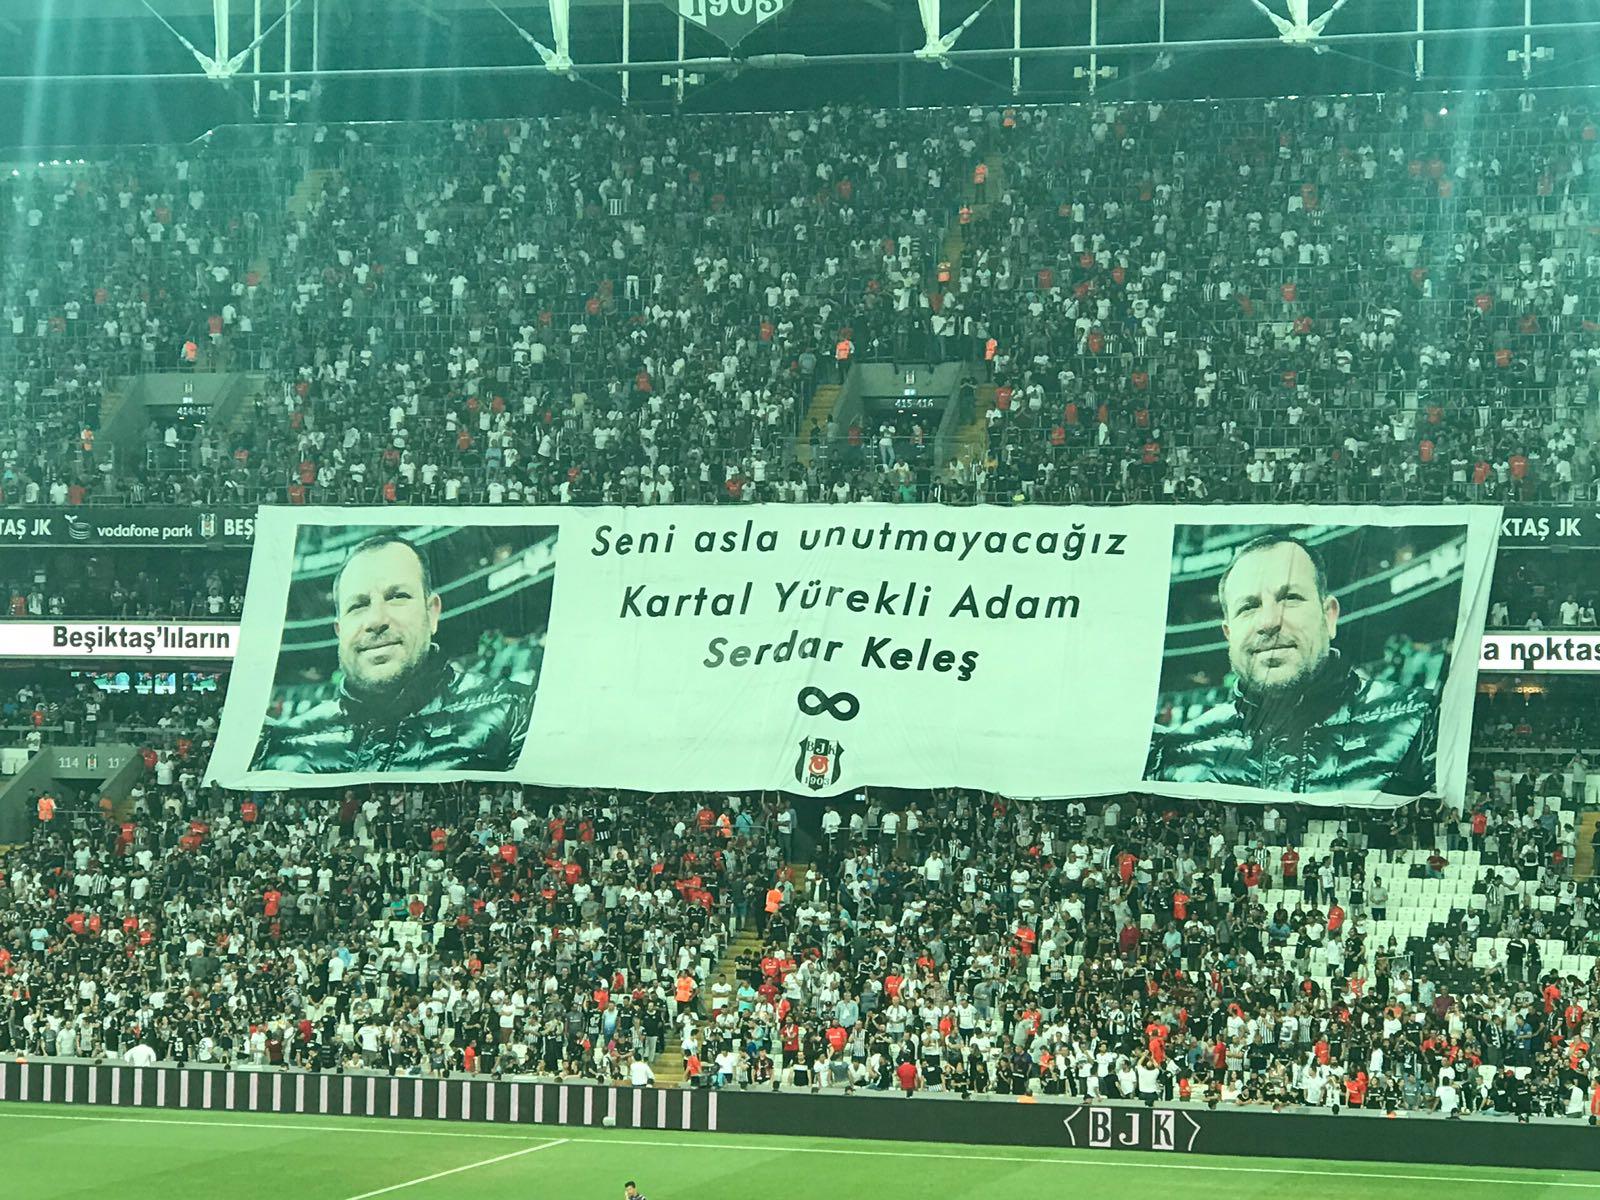 Beşiktaş taraftarları Serdar Keleş'i unutmadı!